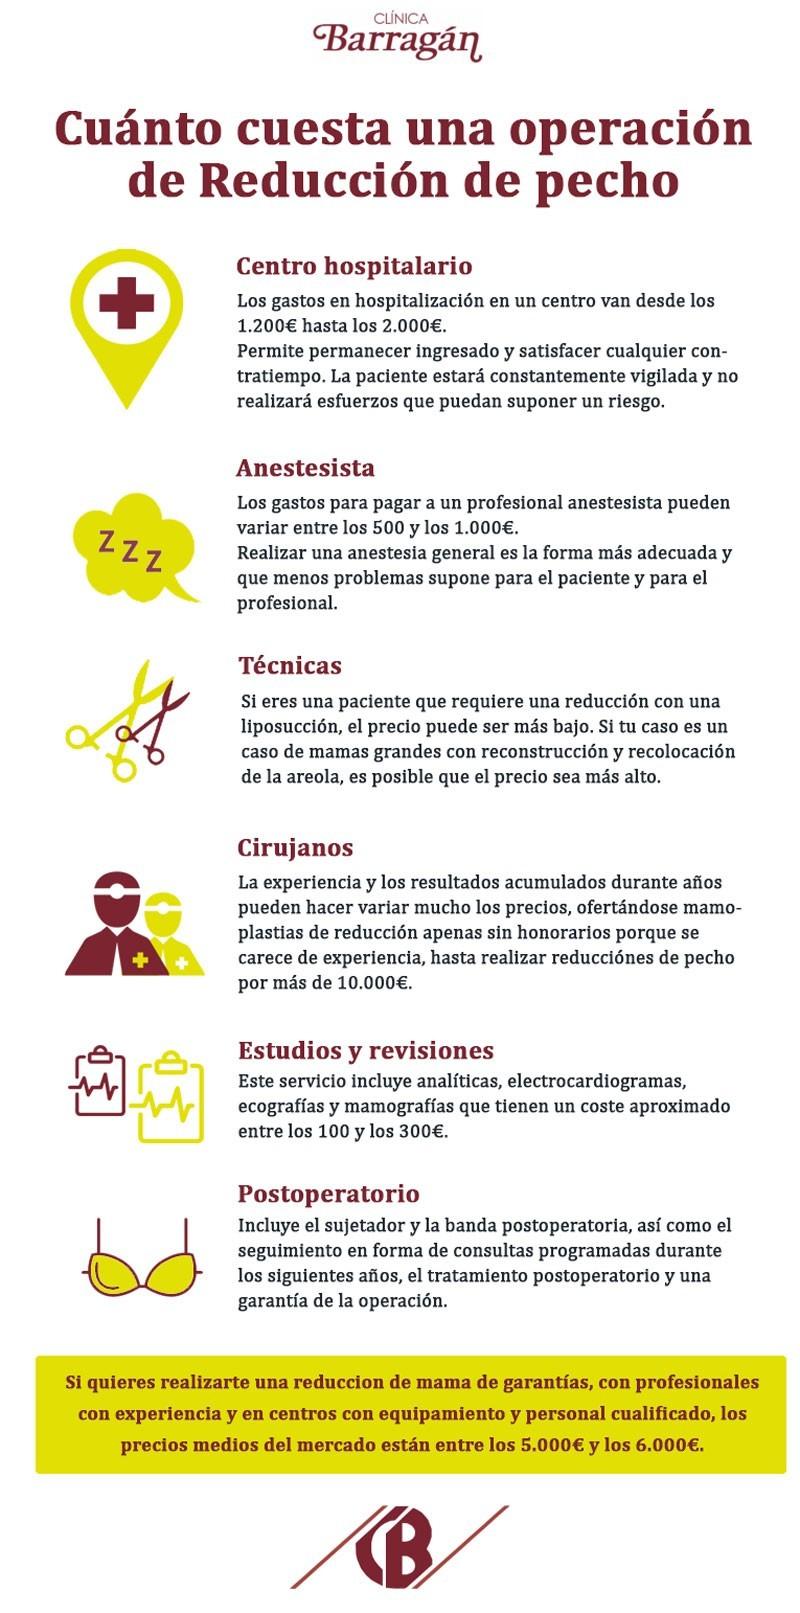 Infografía sobre el precio de la reducción de pecho